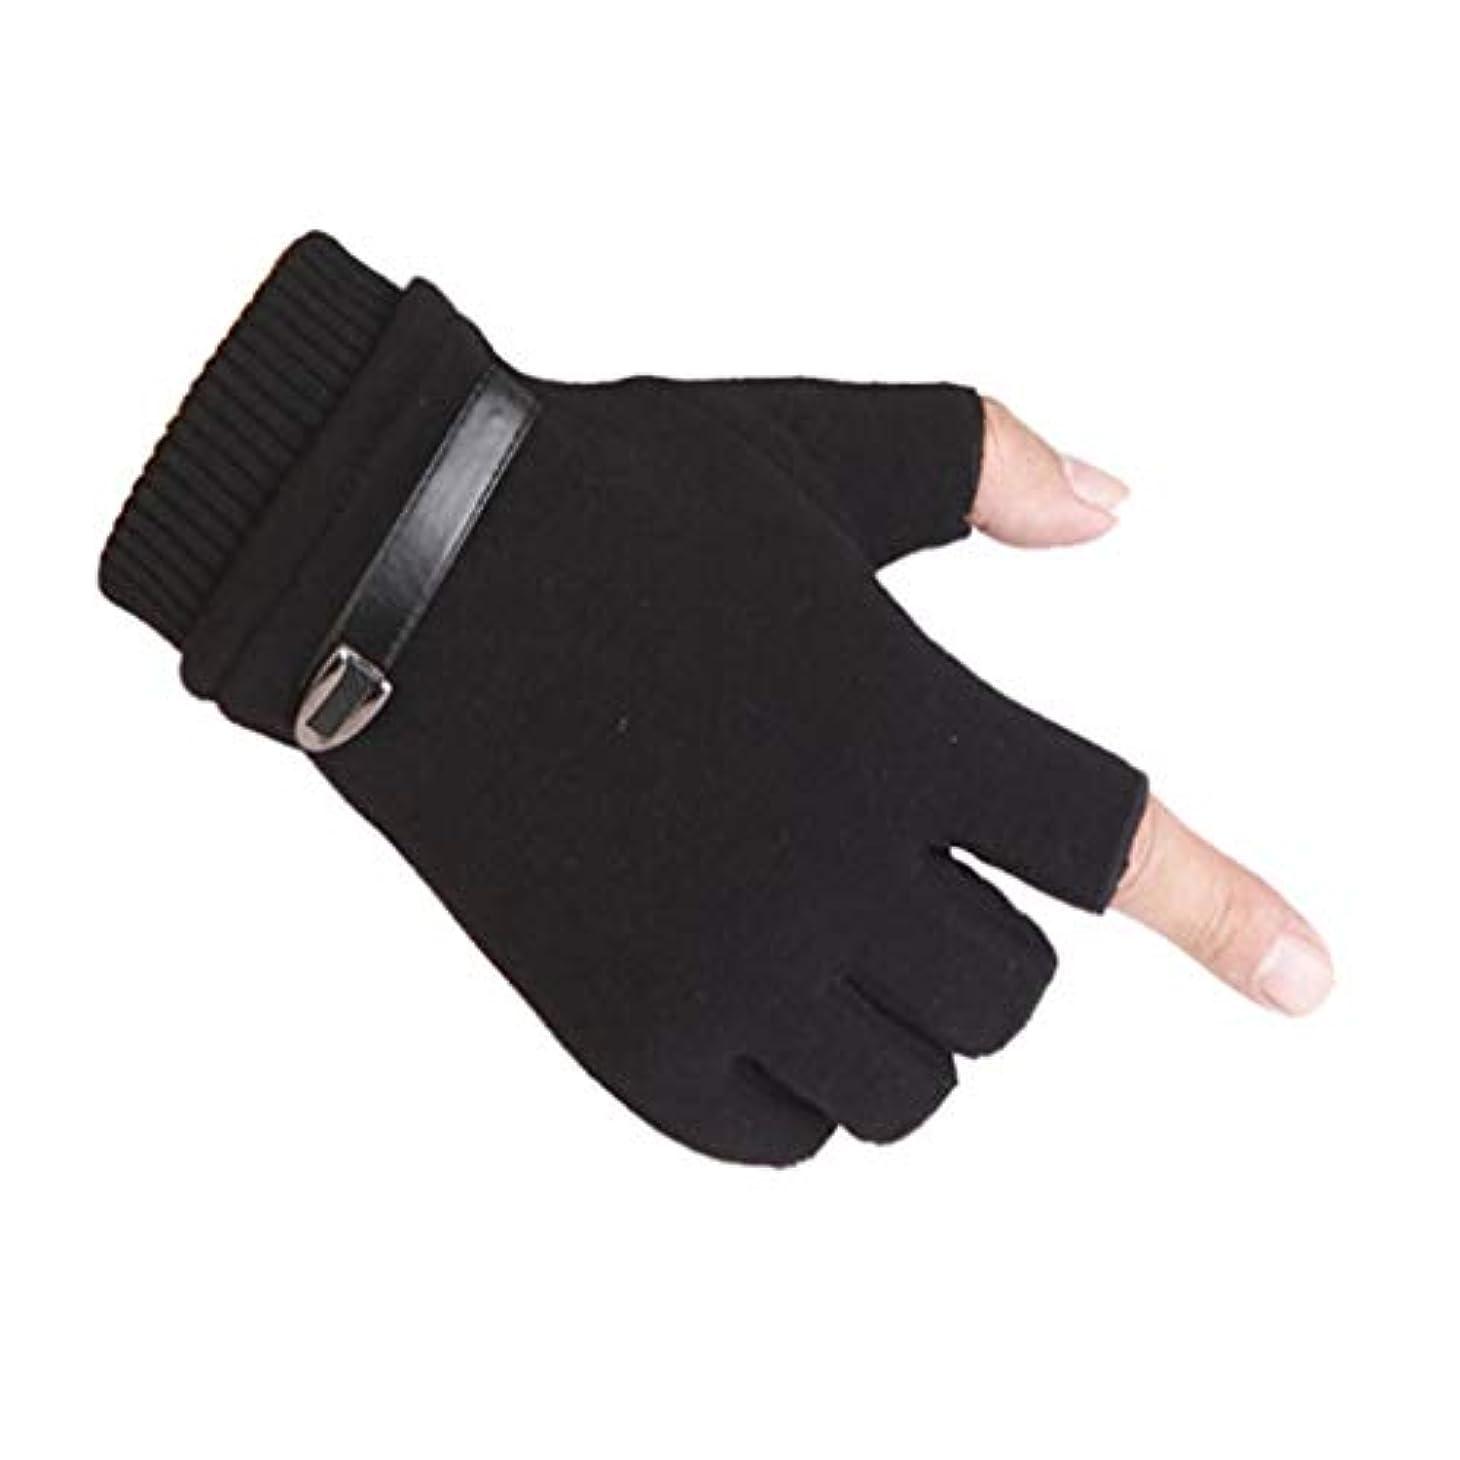 置き場バリー固執秋と冬プラスベルベット肥厚ハーフフィンガー手袋男性と女性ベルベット生徒は指を離してカップルの手袋黒の男性モデルに乗ってコンピュータタイピングを書くことではない